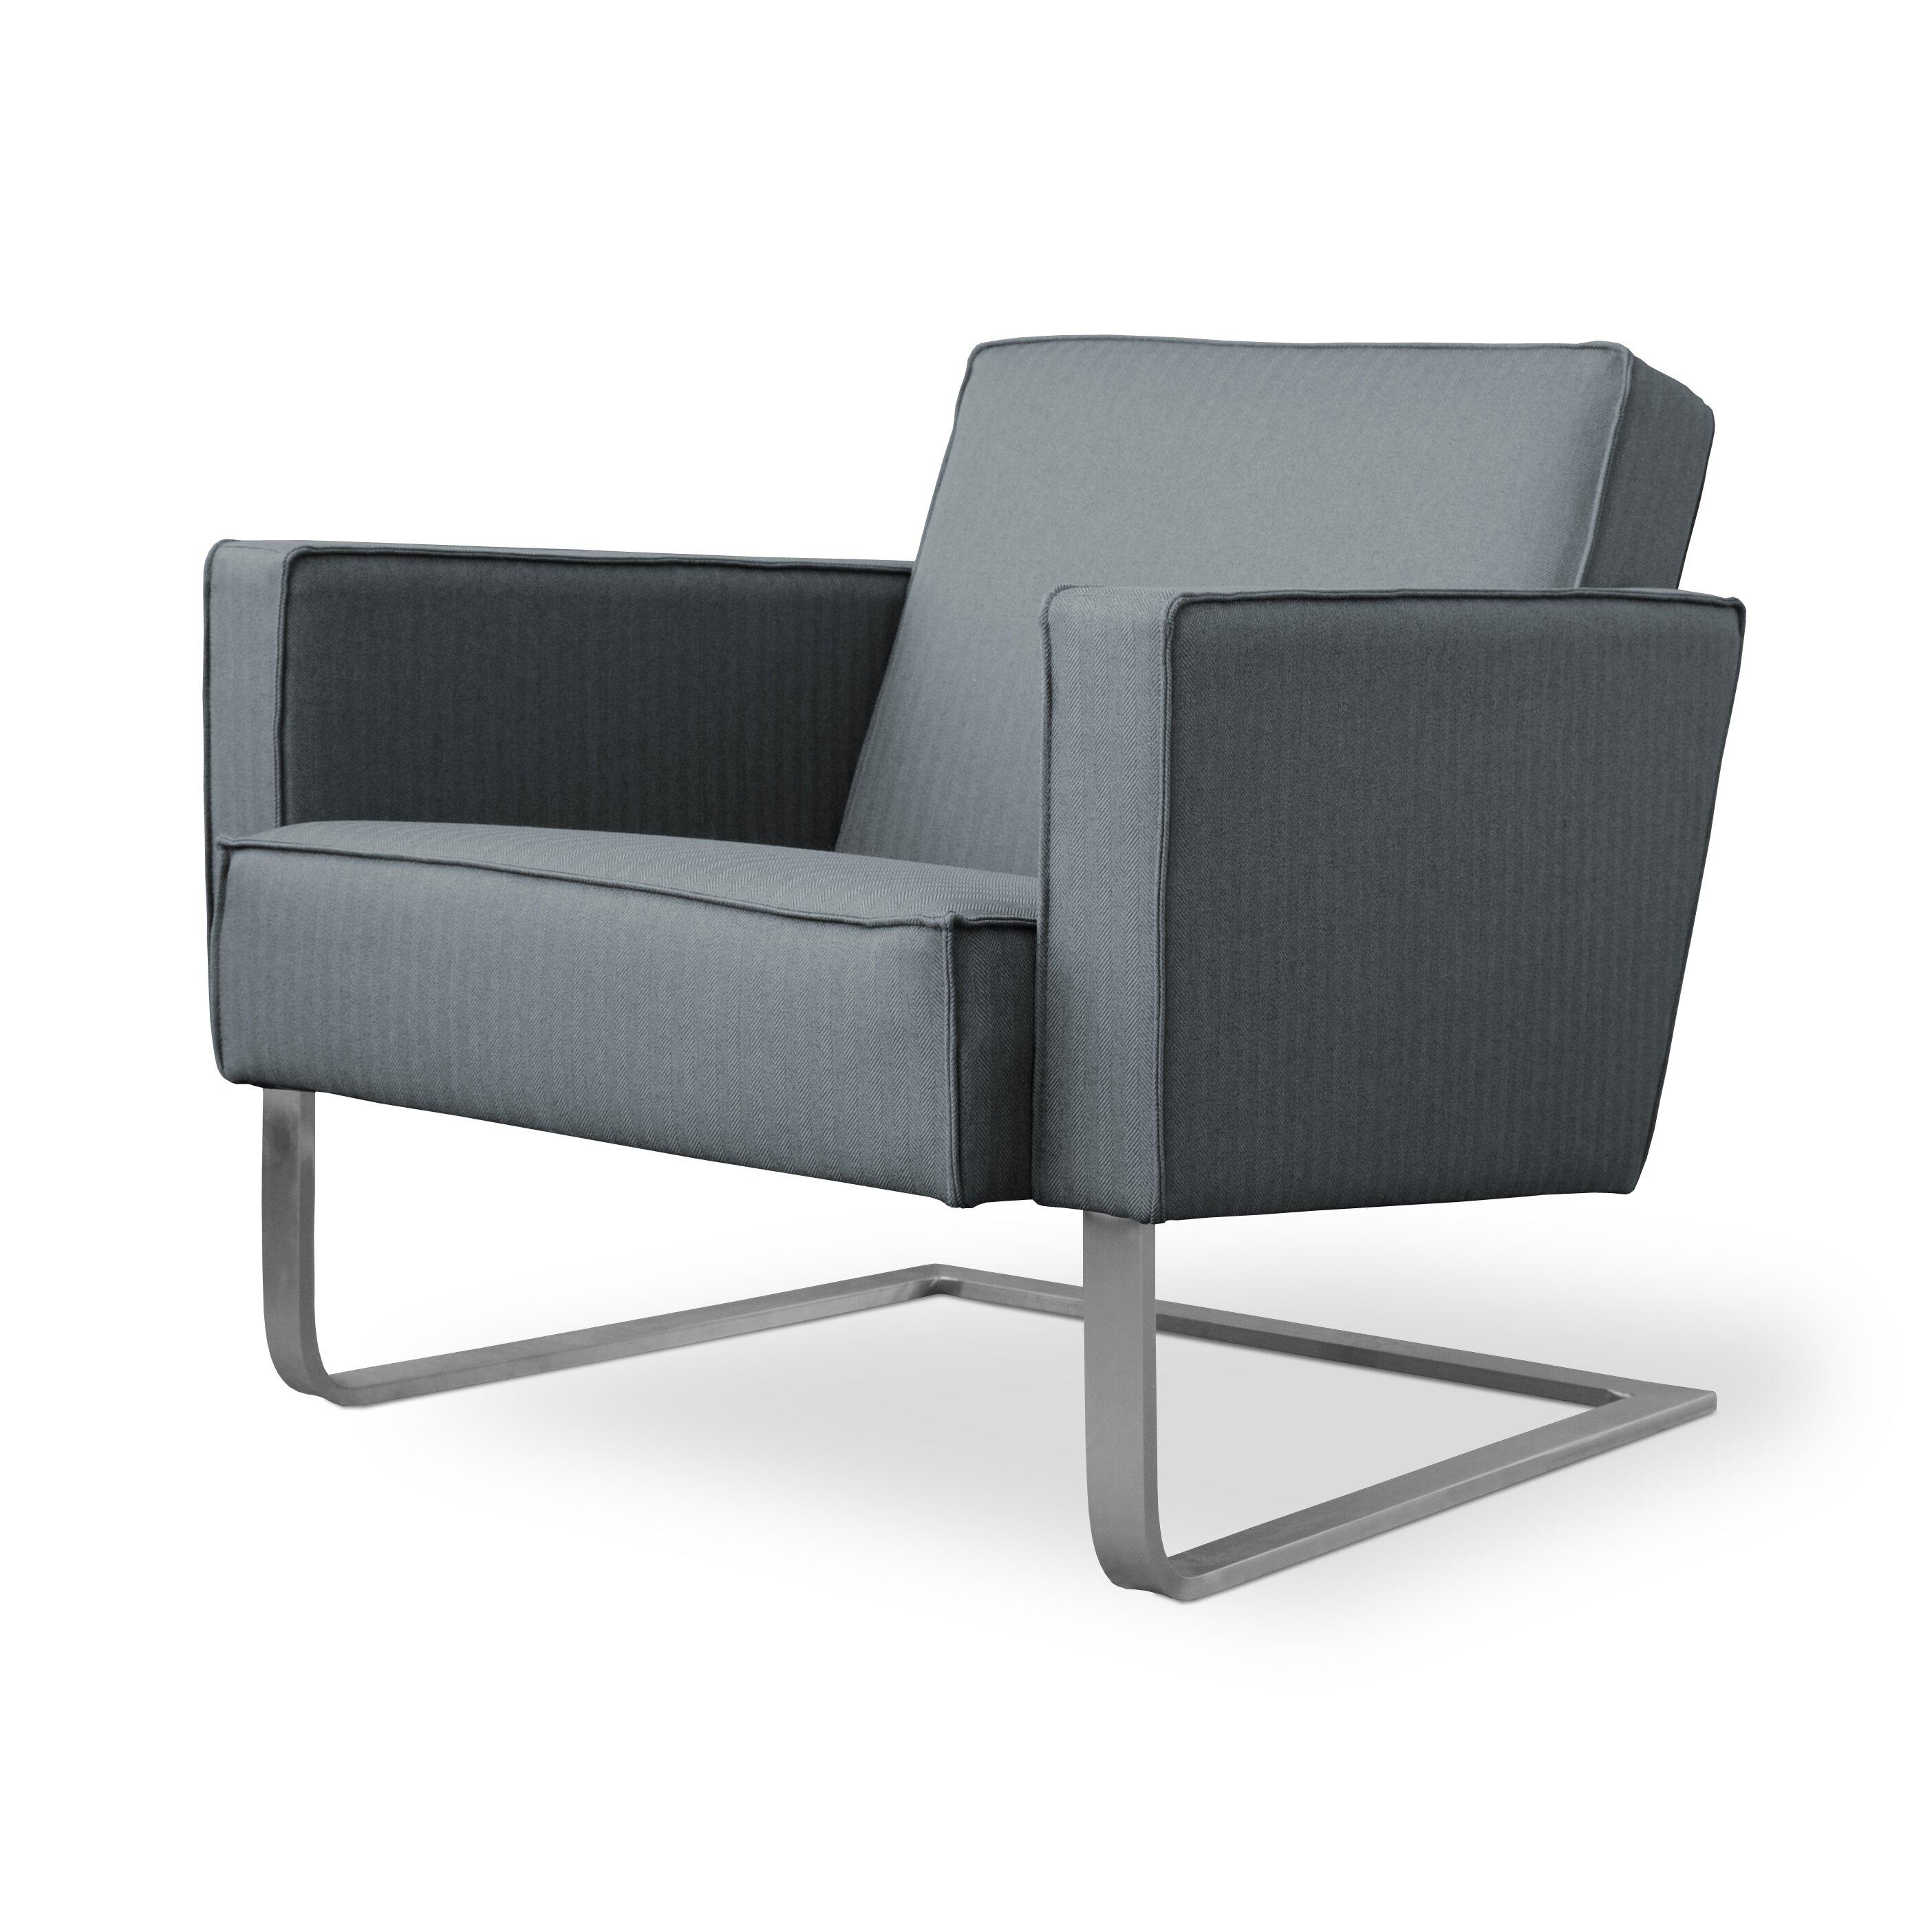 Gus Modern High Park Arm Chair Reviews Wayfair